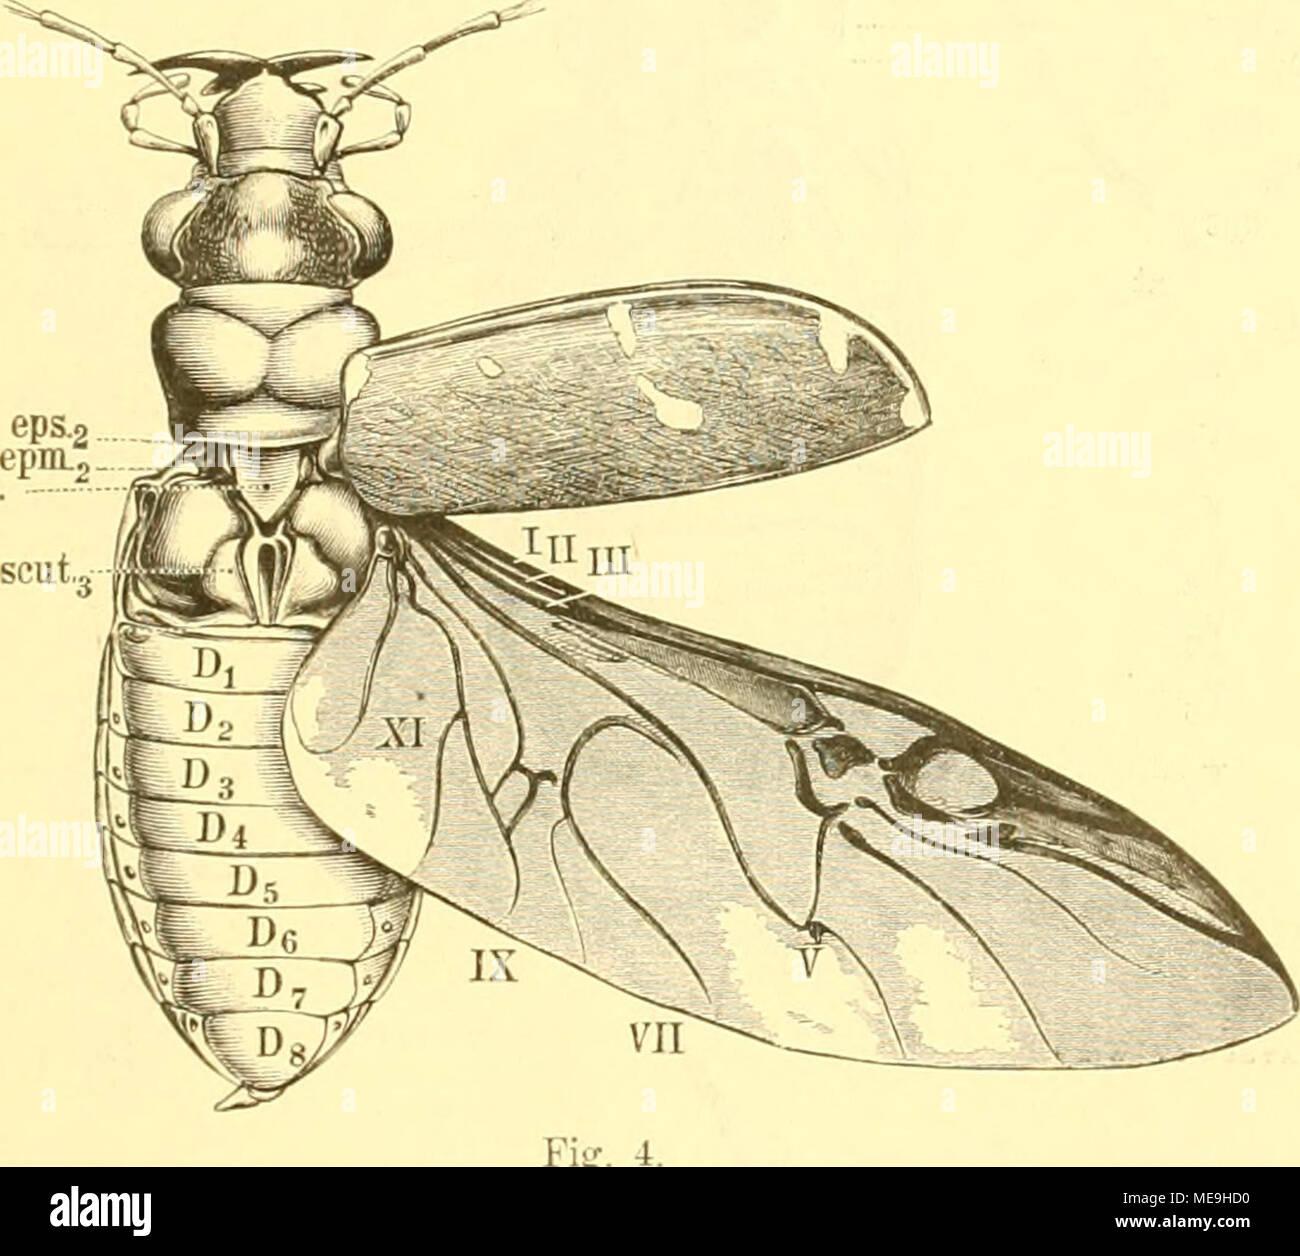 Fantastisch Anatomie Von Drosophila Melanogaster Fotos - Menschliche ...